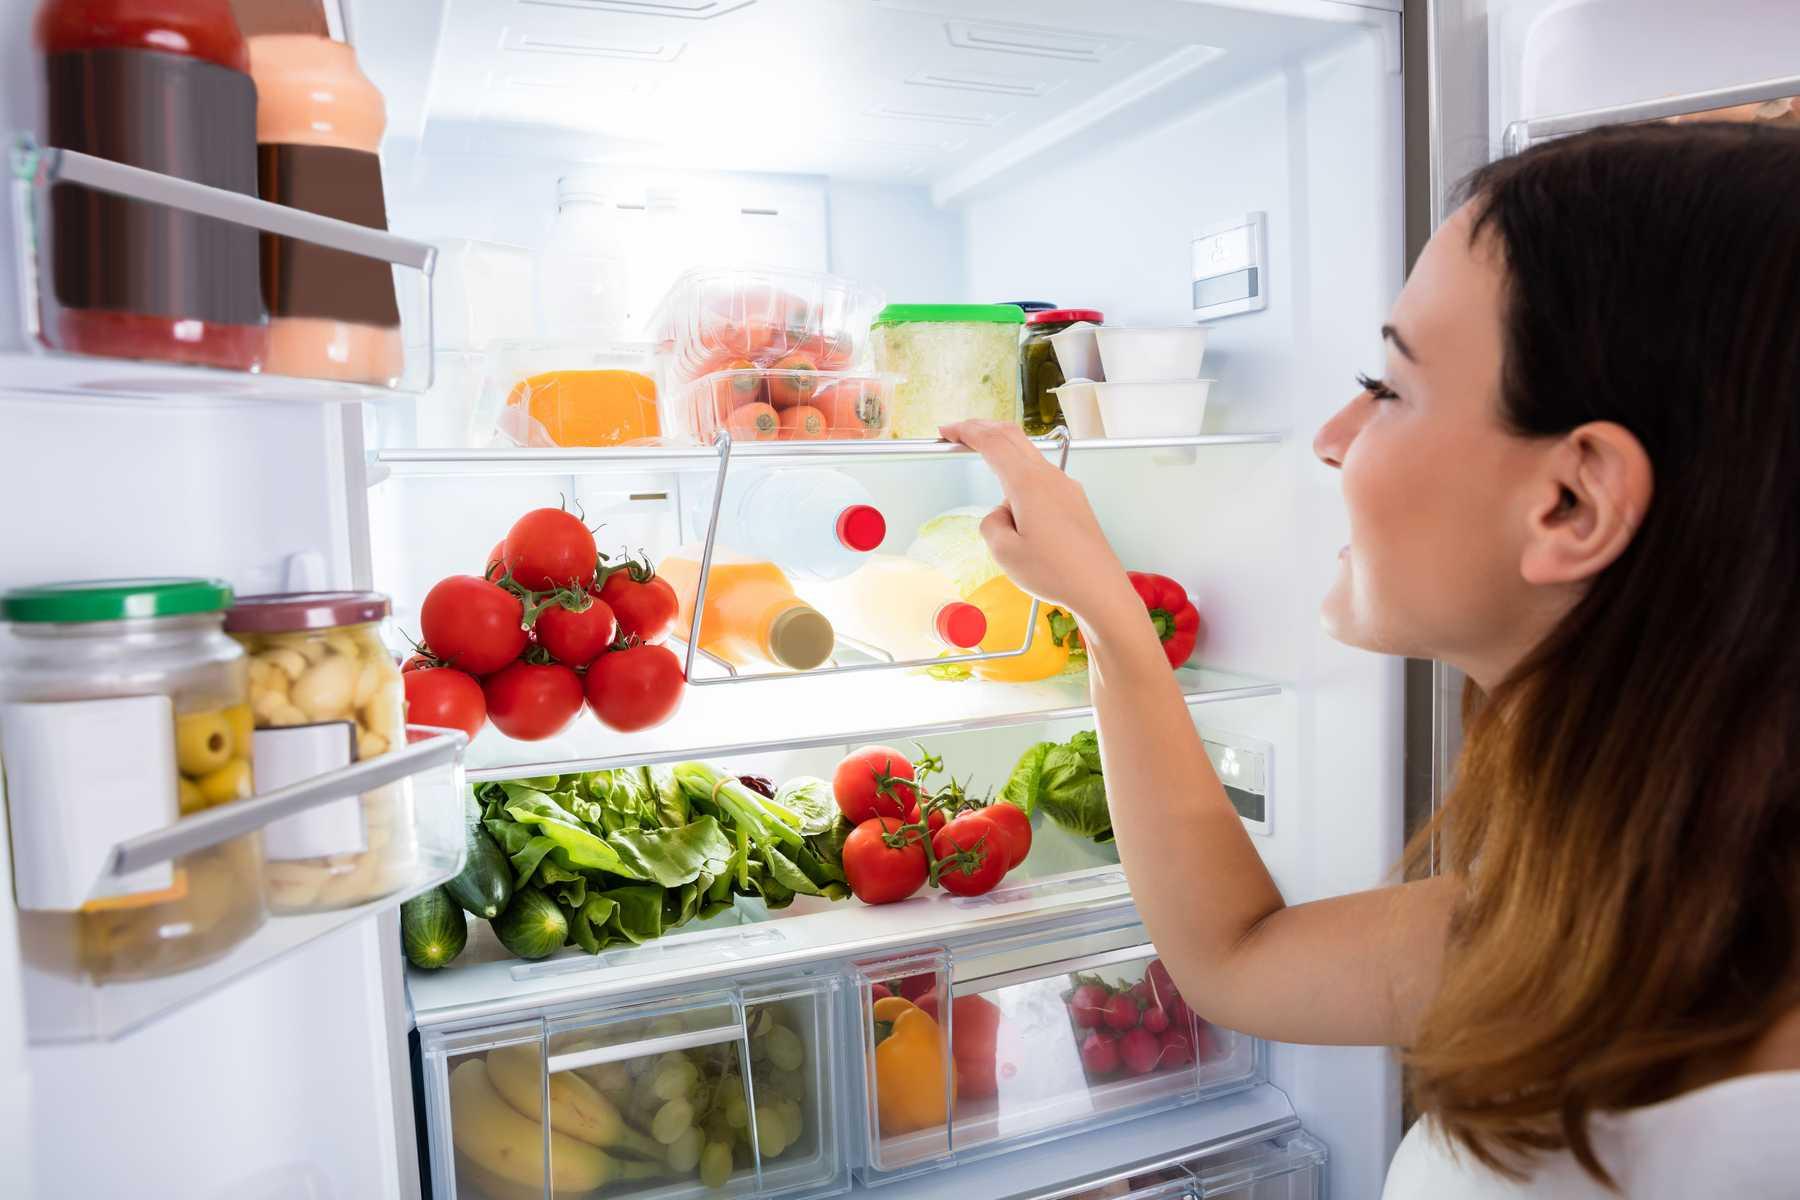 bảo quản thức ăn ở tủ lạnh